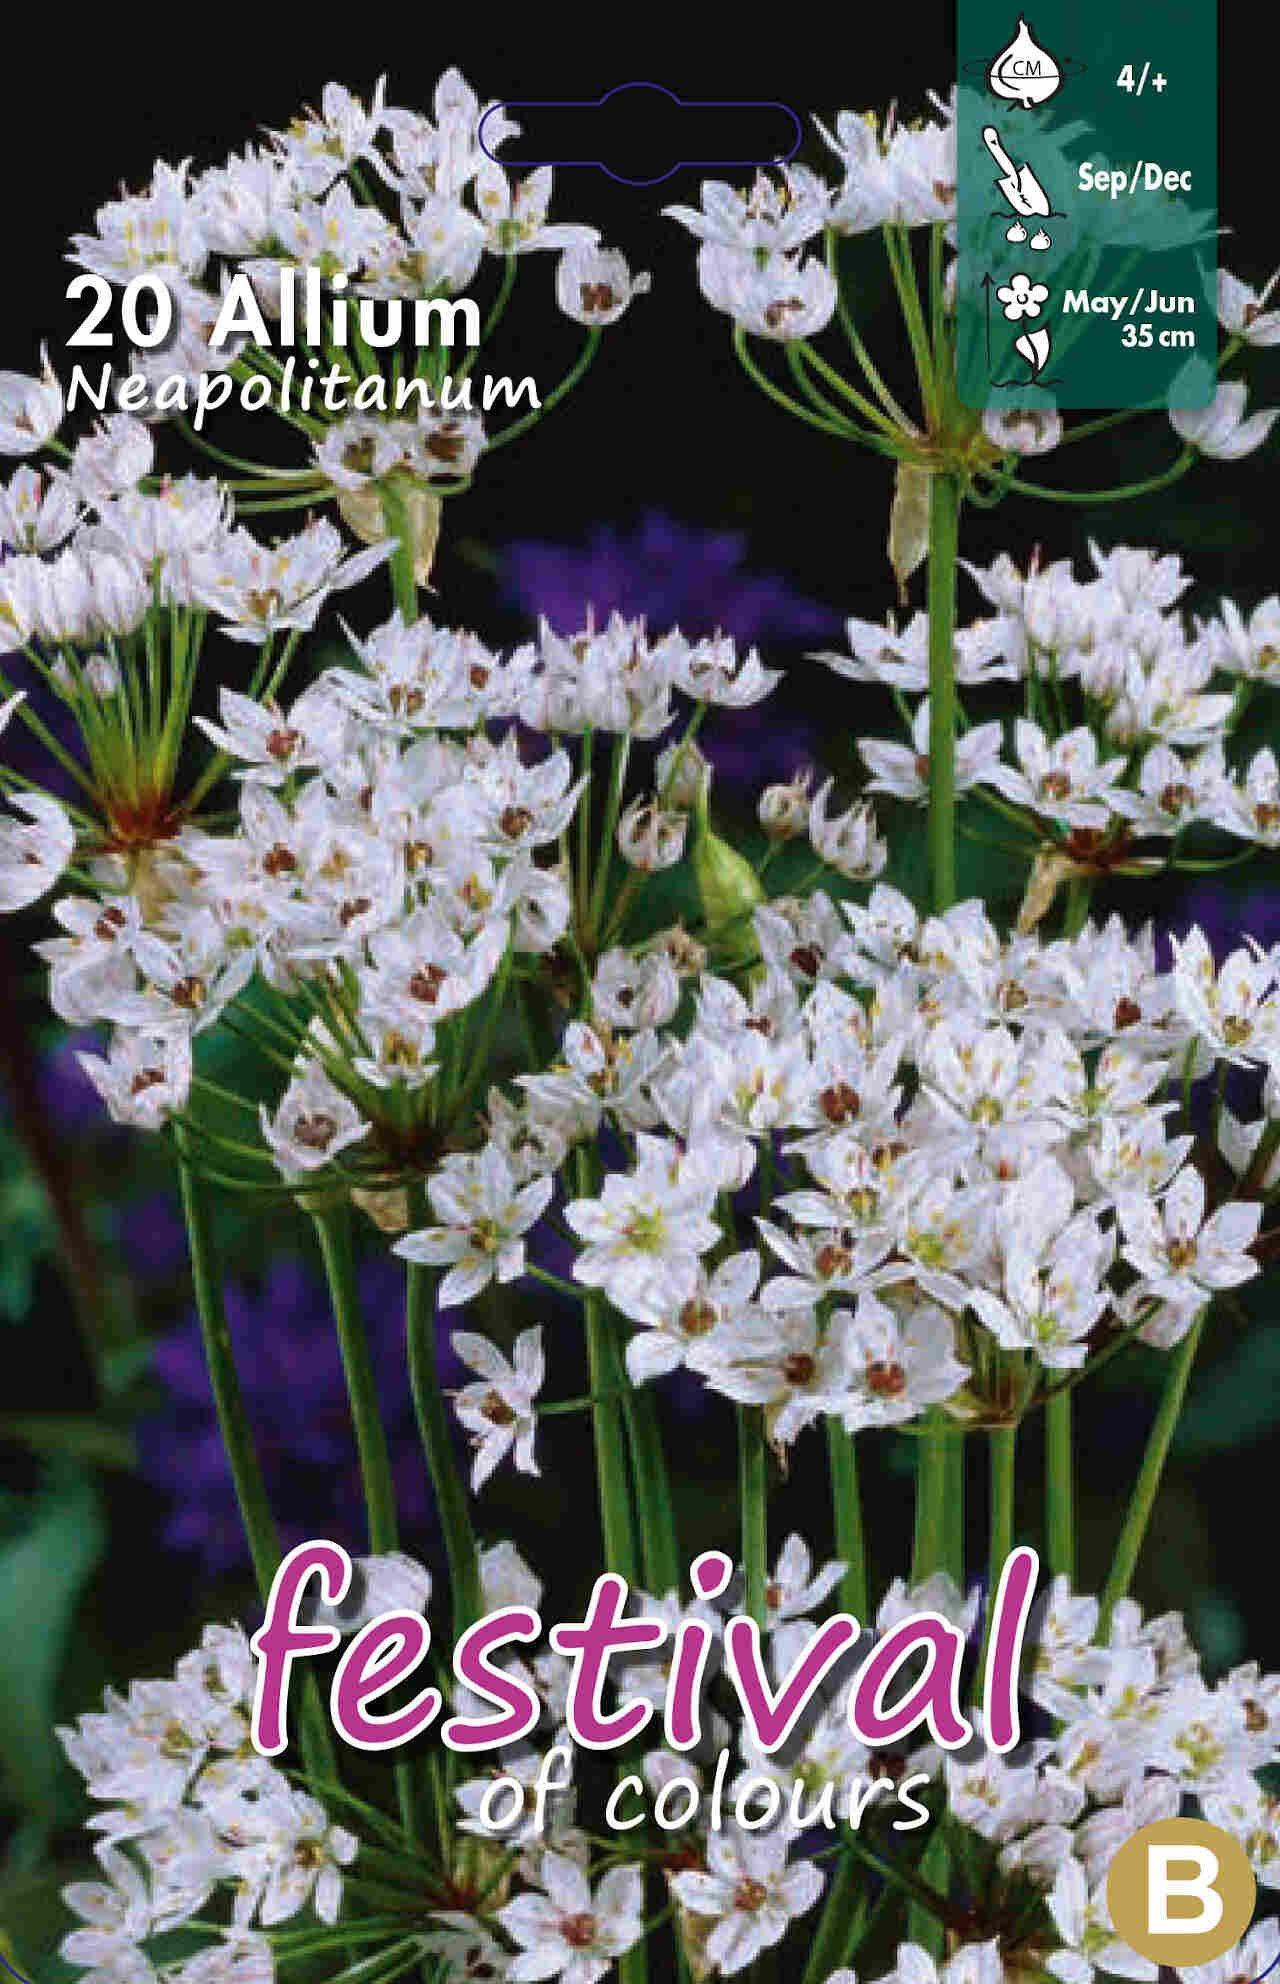 Prydløg - Allium Neapolitanum 4/+